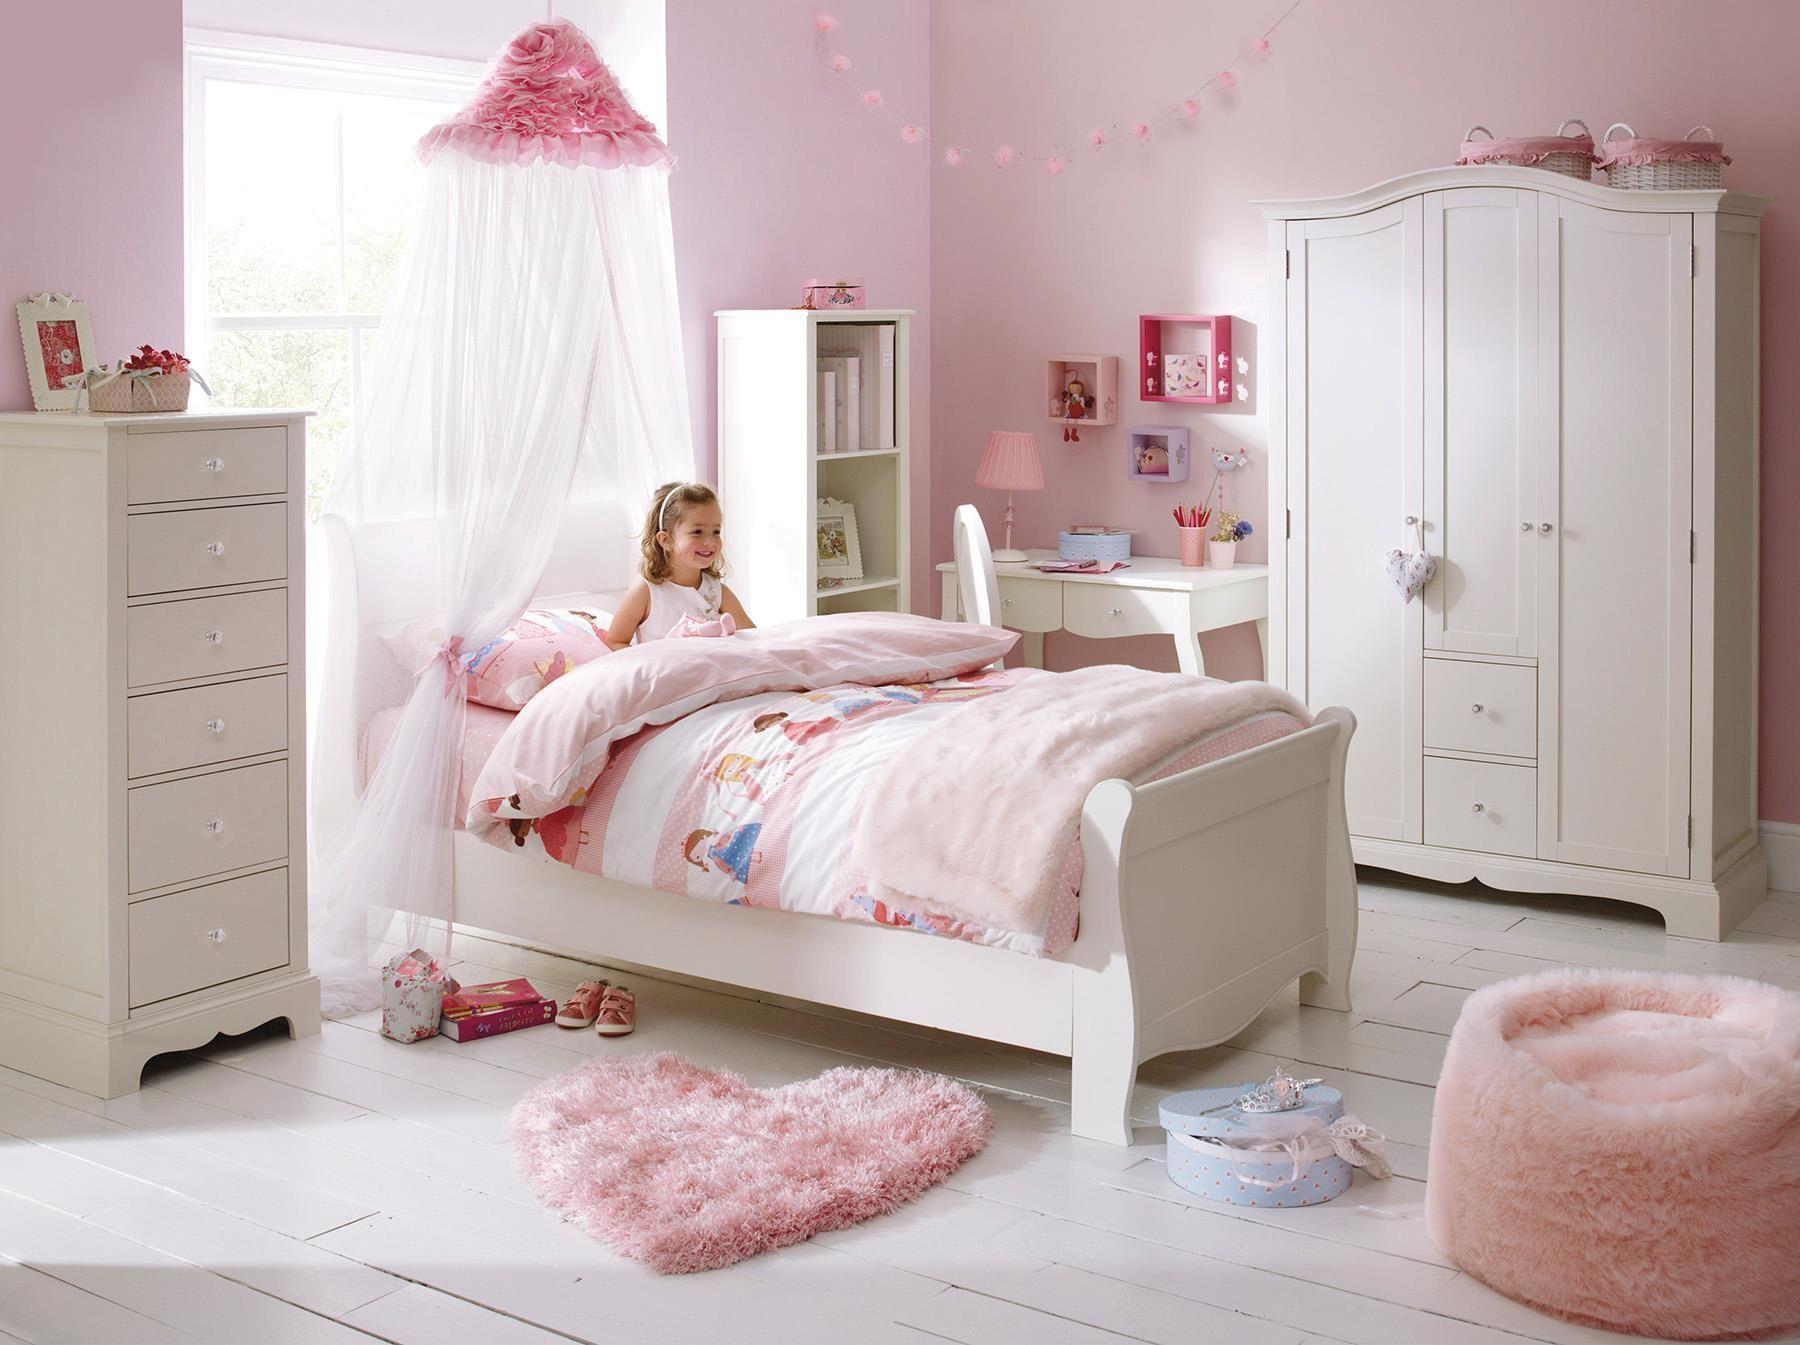 Beds Bedsteads Divans Bed Frames Girls Bedroom Furniture Bed Girl Beds